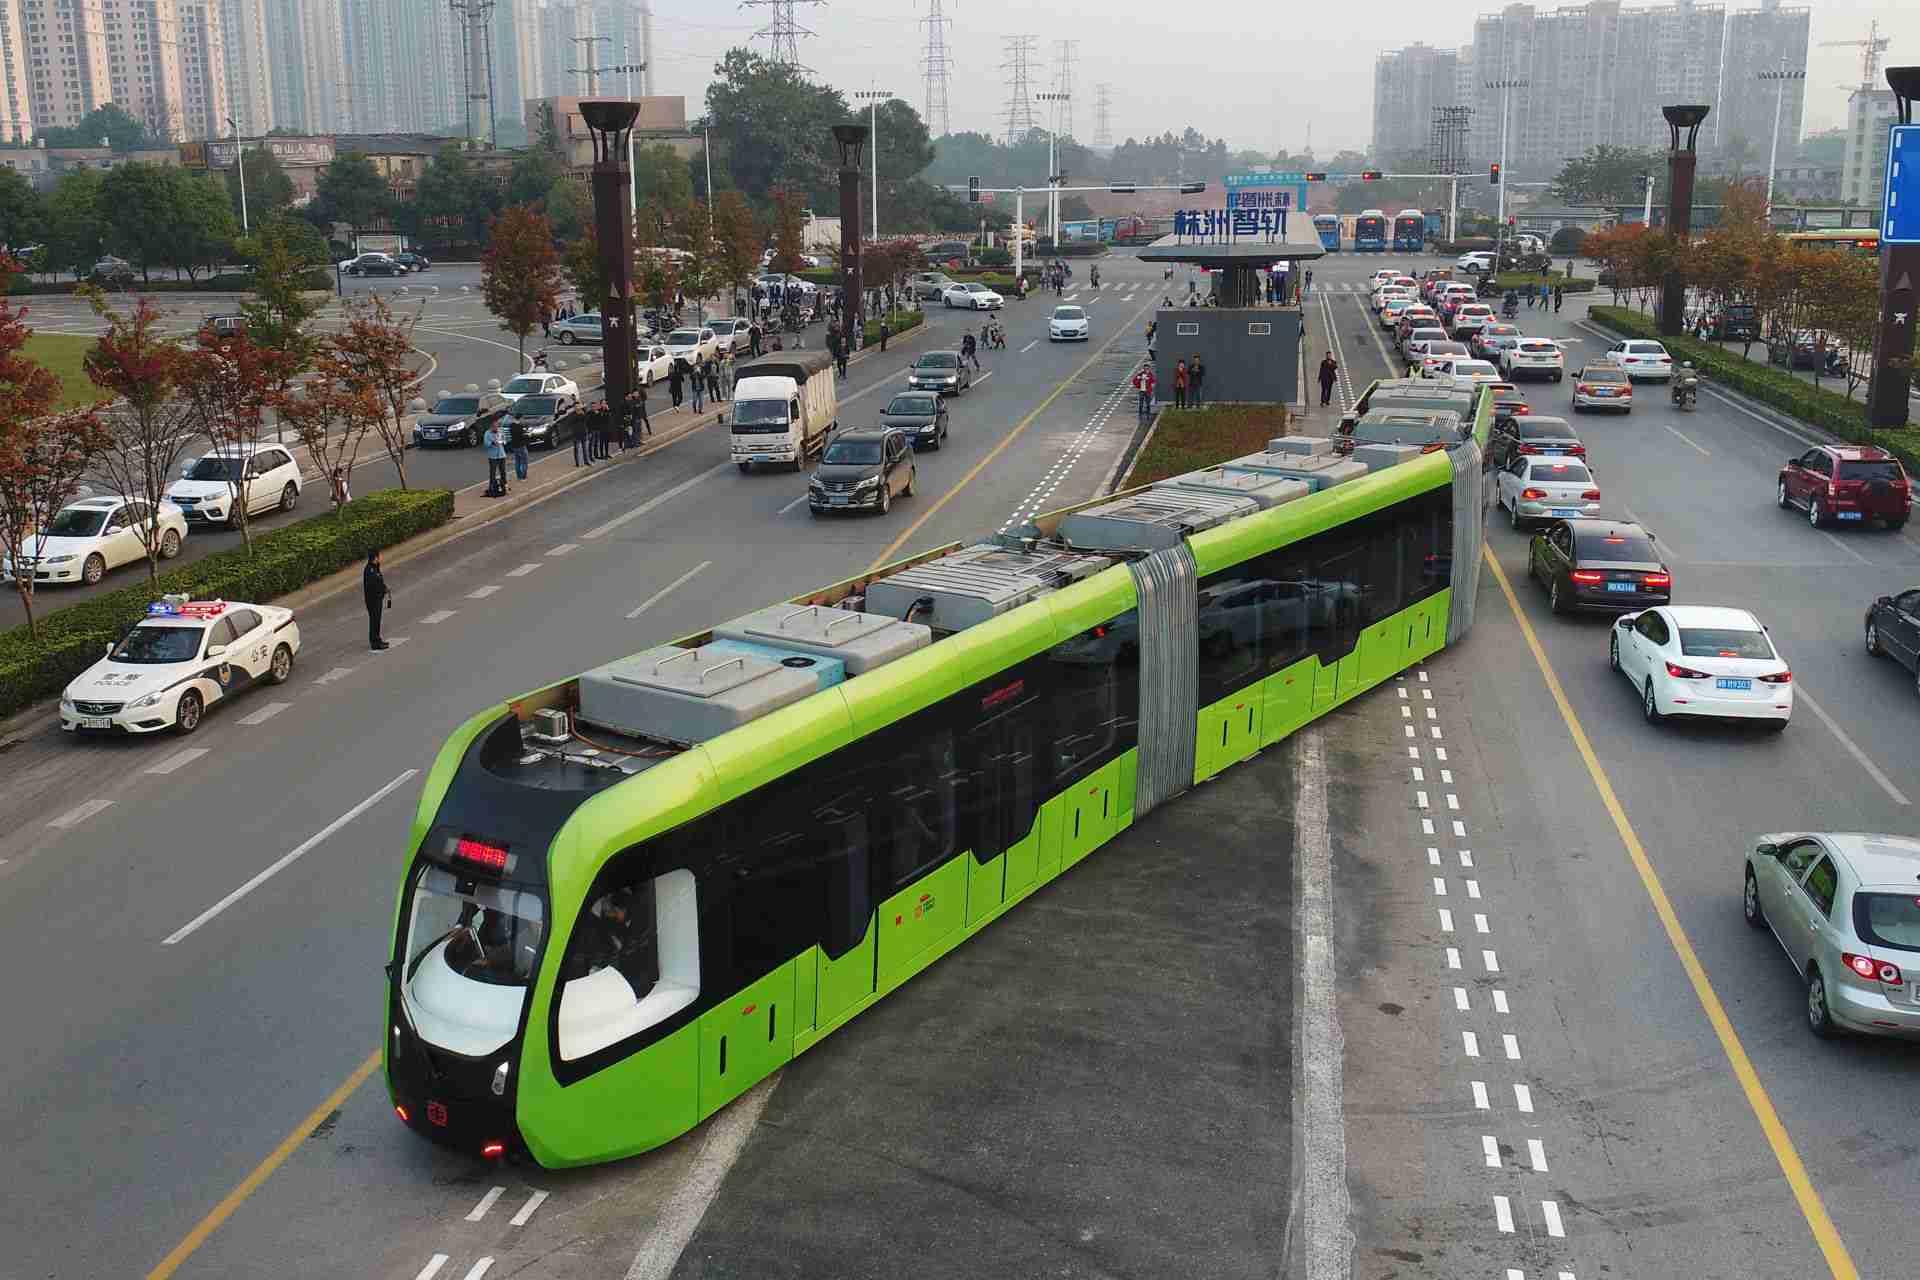 Bus-Tram Autonomous Rail Rapid Transit ART